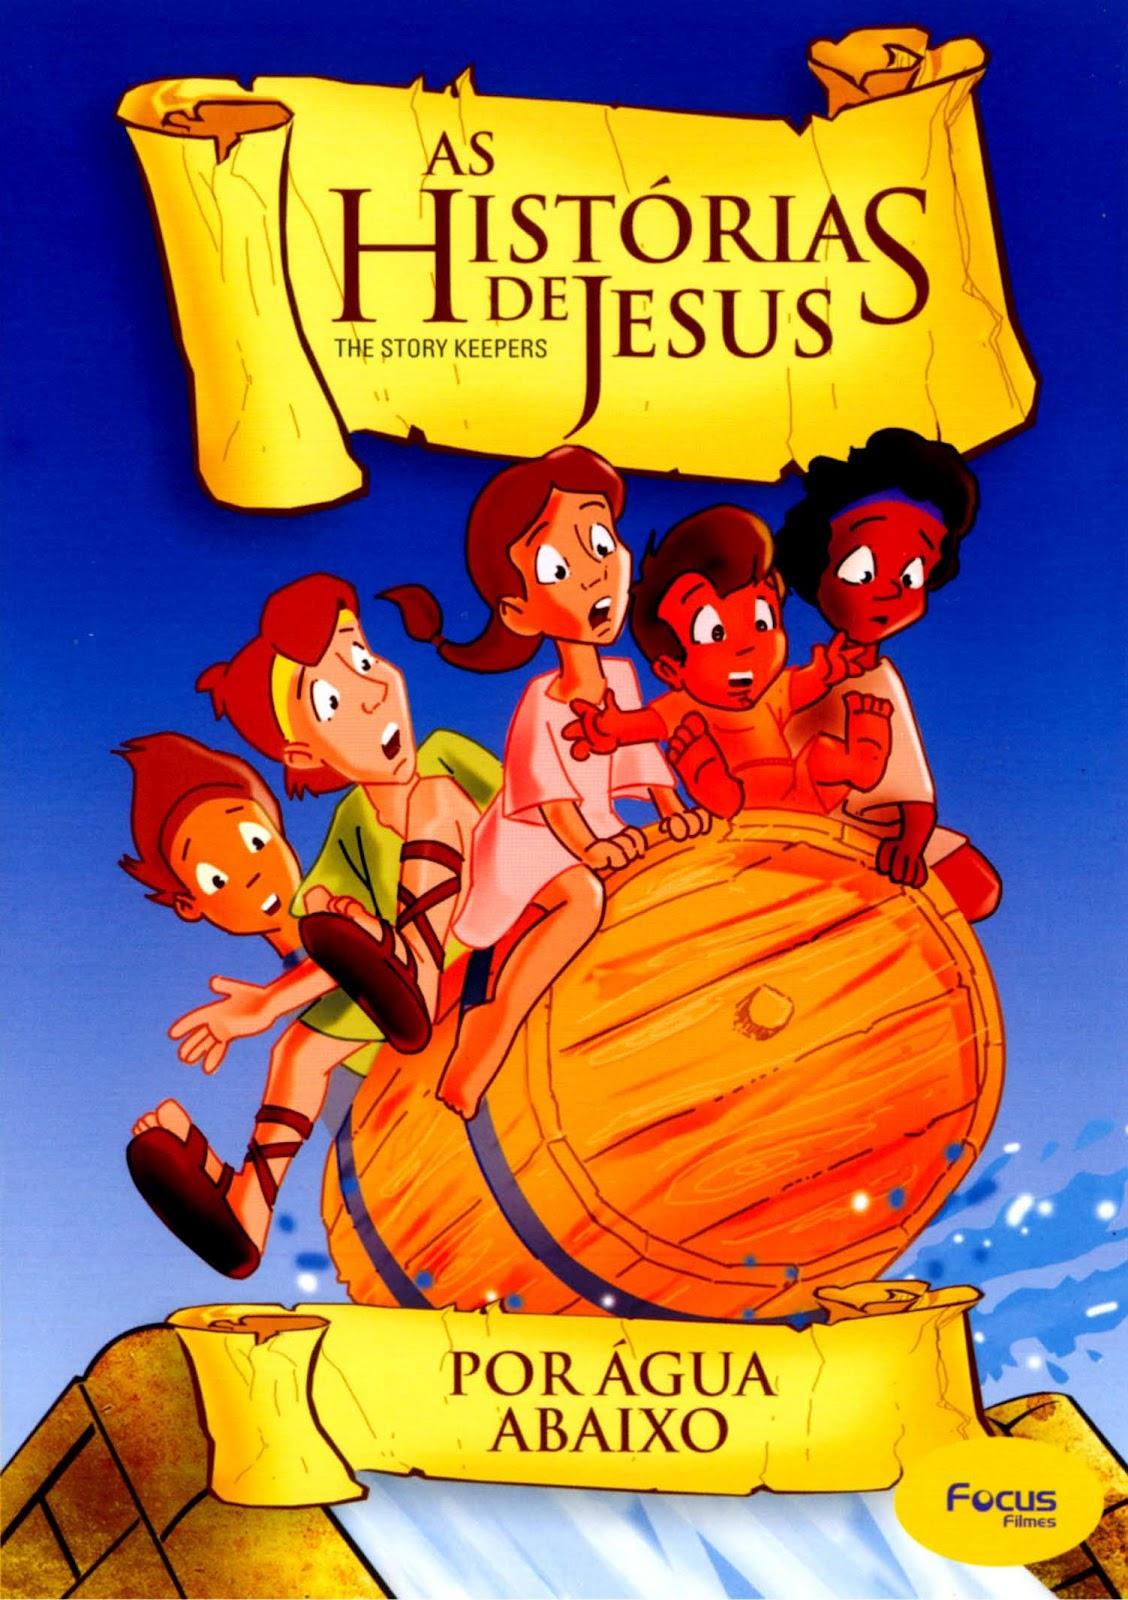 AS HISTÓRIAS DE JESUS - POR ÁGUA ABAIXO (chegou)